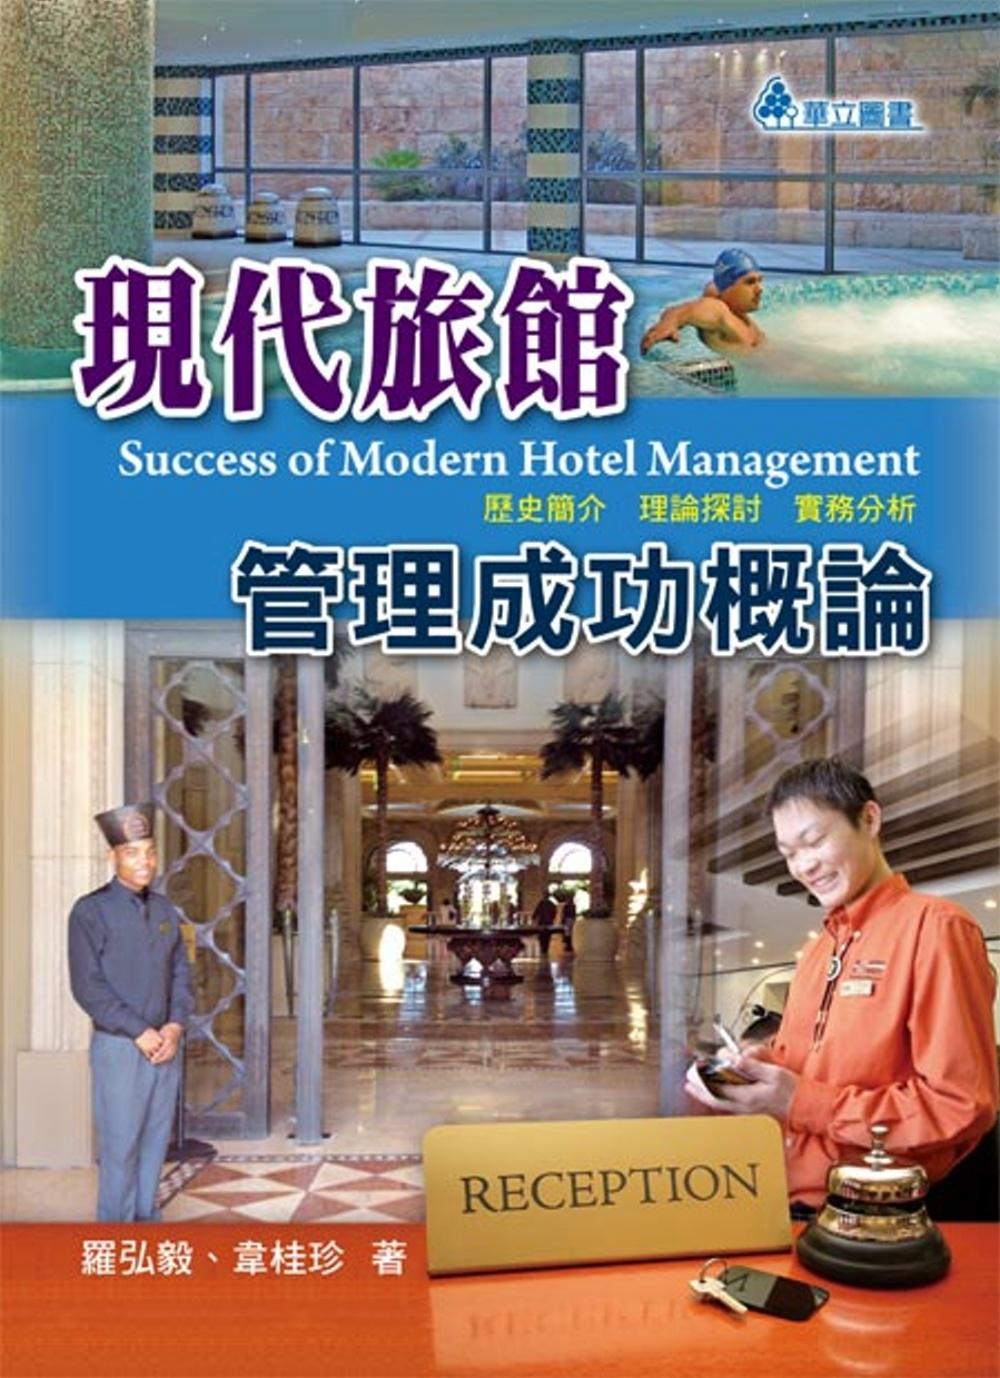 現代旅館管理成功概論:歷史簡介 理論探討 實務分析